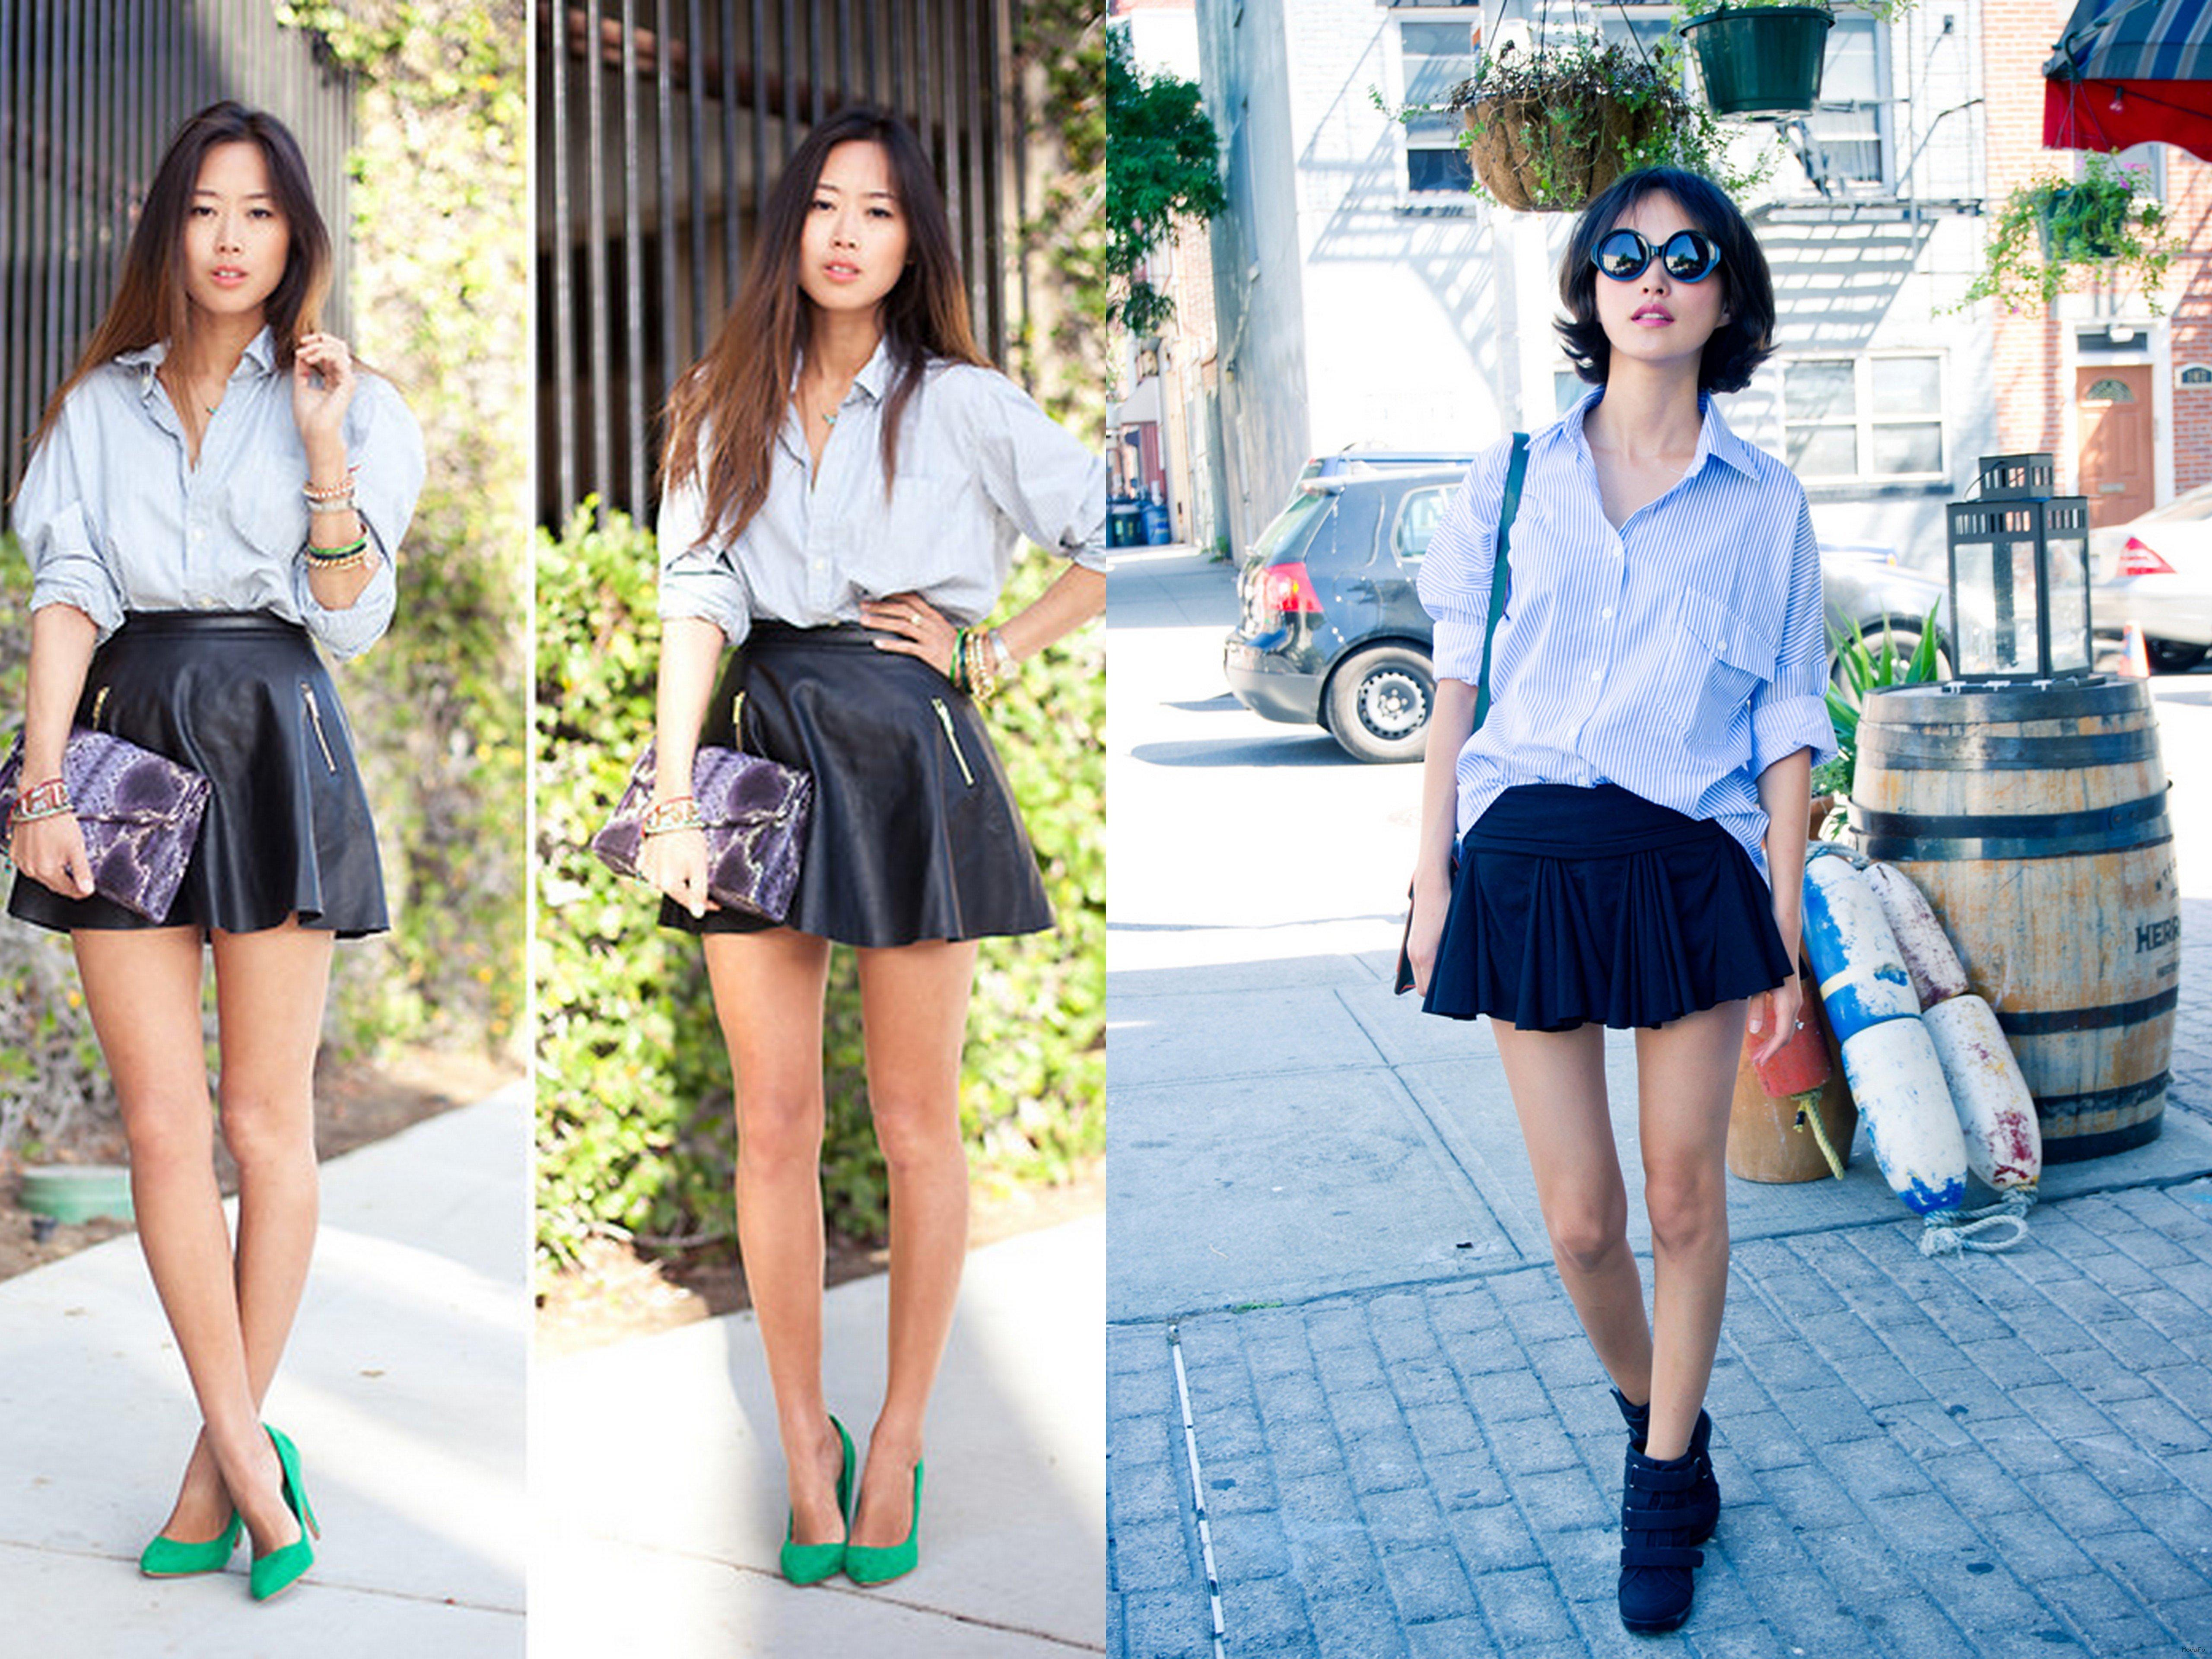 Boyfriend Gömlek Nasıl Giyilir? - Modelleri 2016 moda Kombin Gömlek MOdelleri Gömlek kombinleri gömlek kombini Gömlek